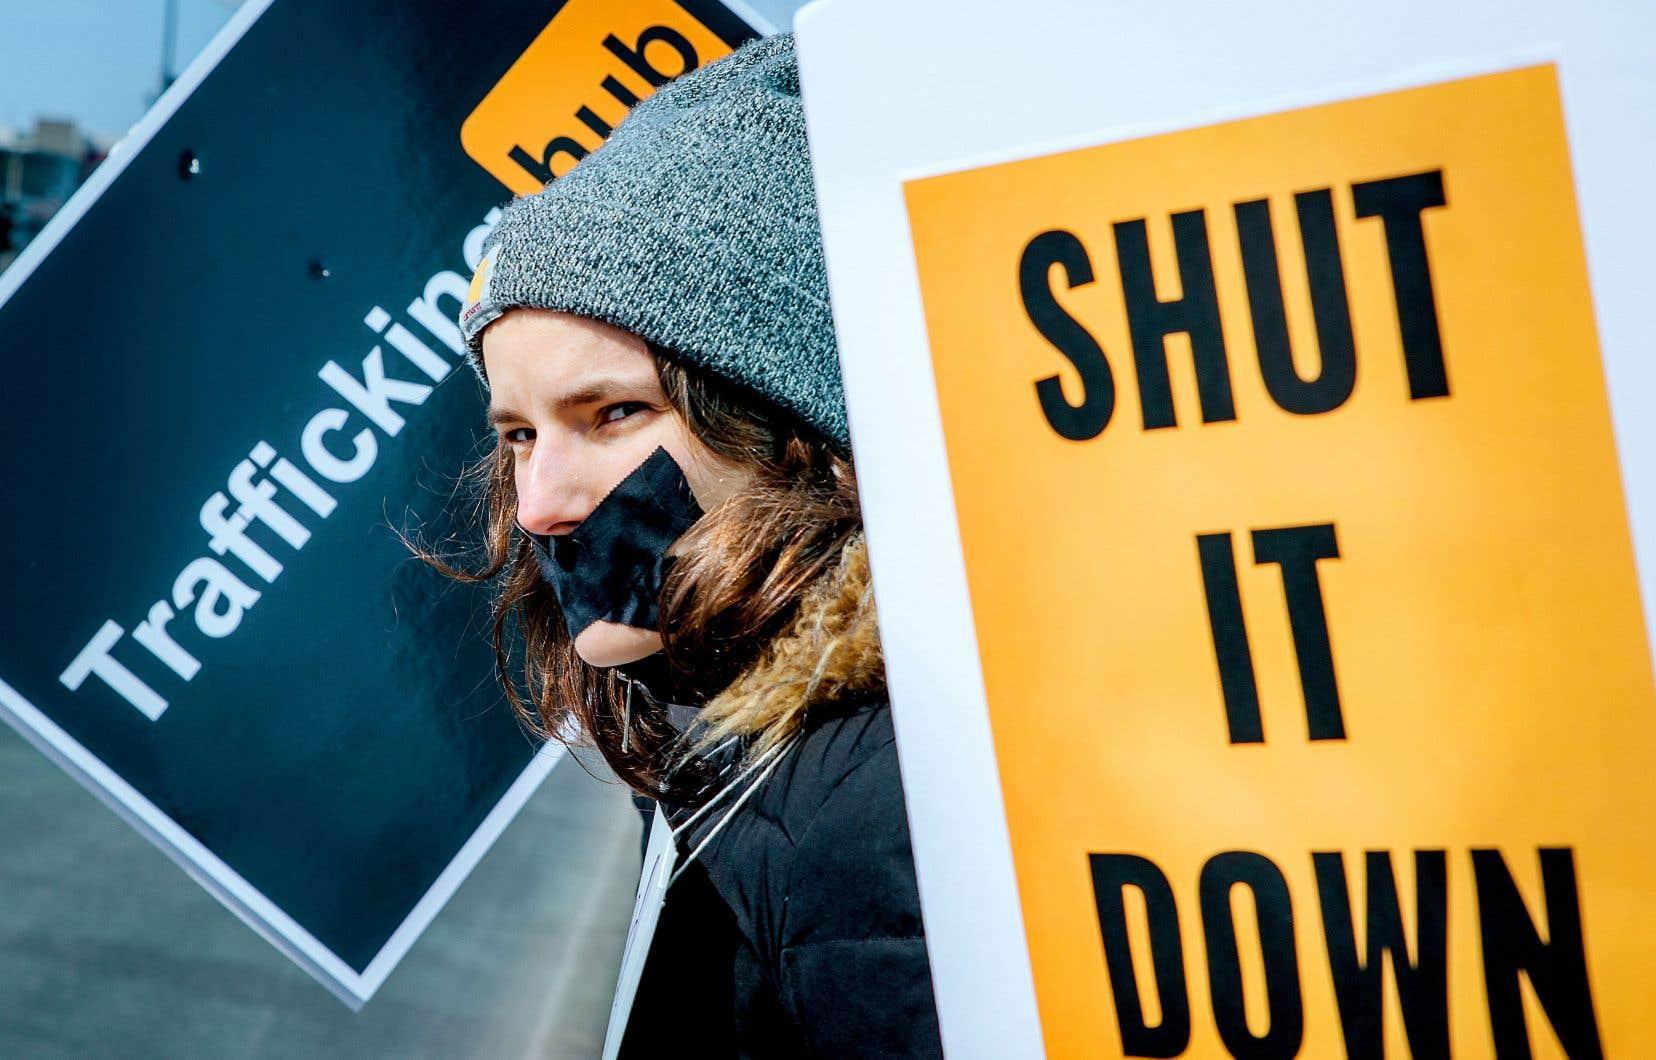 Une cinquantaine de personnes ont protesté dimanche devant le siège social de MindGeek, l'entreprise à qui appartient Pornhub.